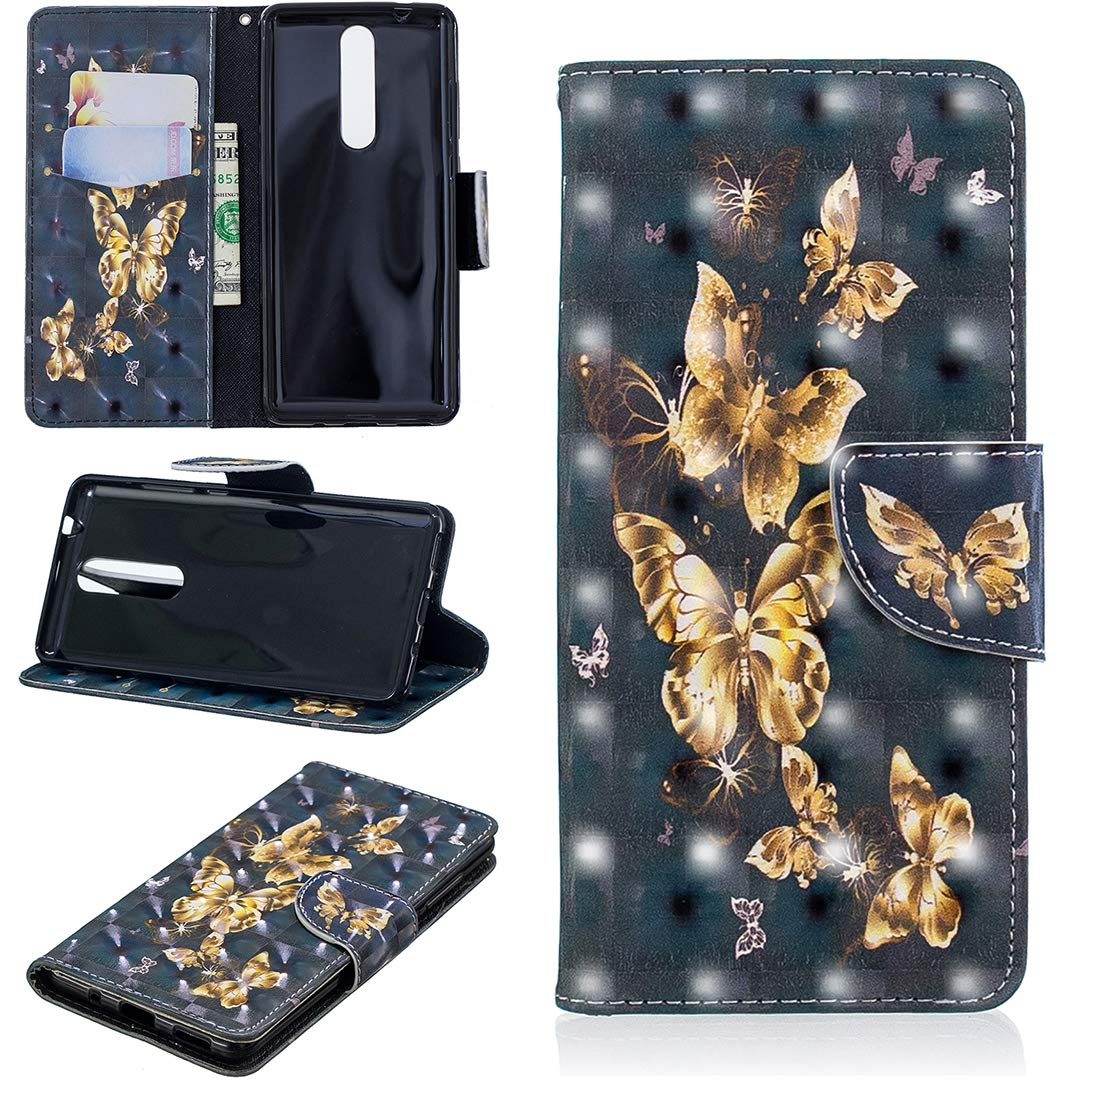 Lyzwn Custodia Nokia 5.1/Nokia 5 2018 Cases Flip in Pelle 3D PU Cuoio Copertura Case Cover con Wallet Portafoglio Supporto Carte Chiusura Magnetica Caso Copertina per Nokia 5.1/Nokia 5 2018